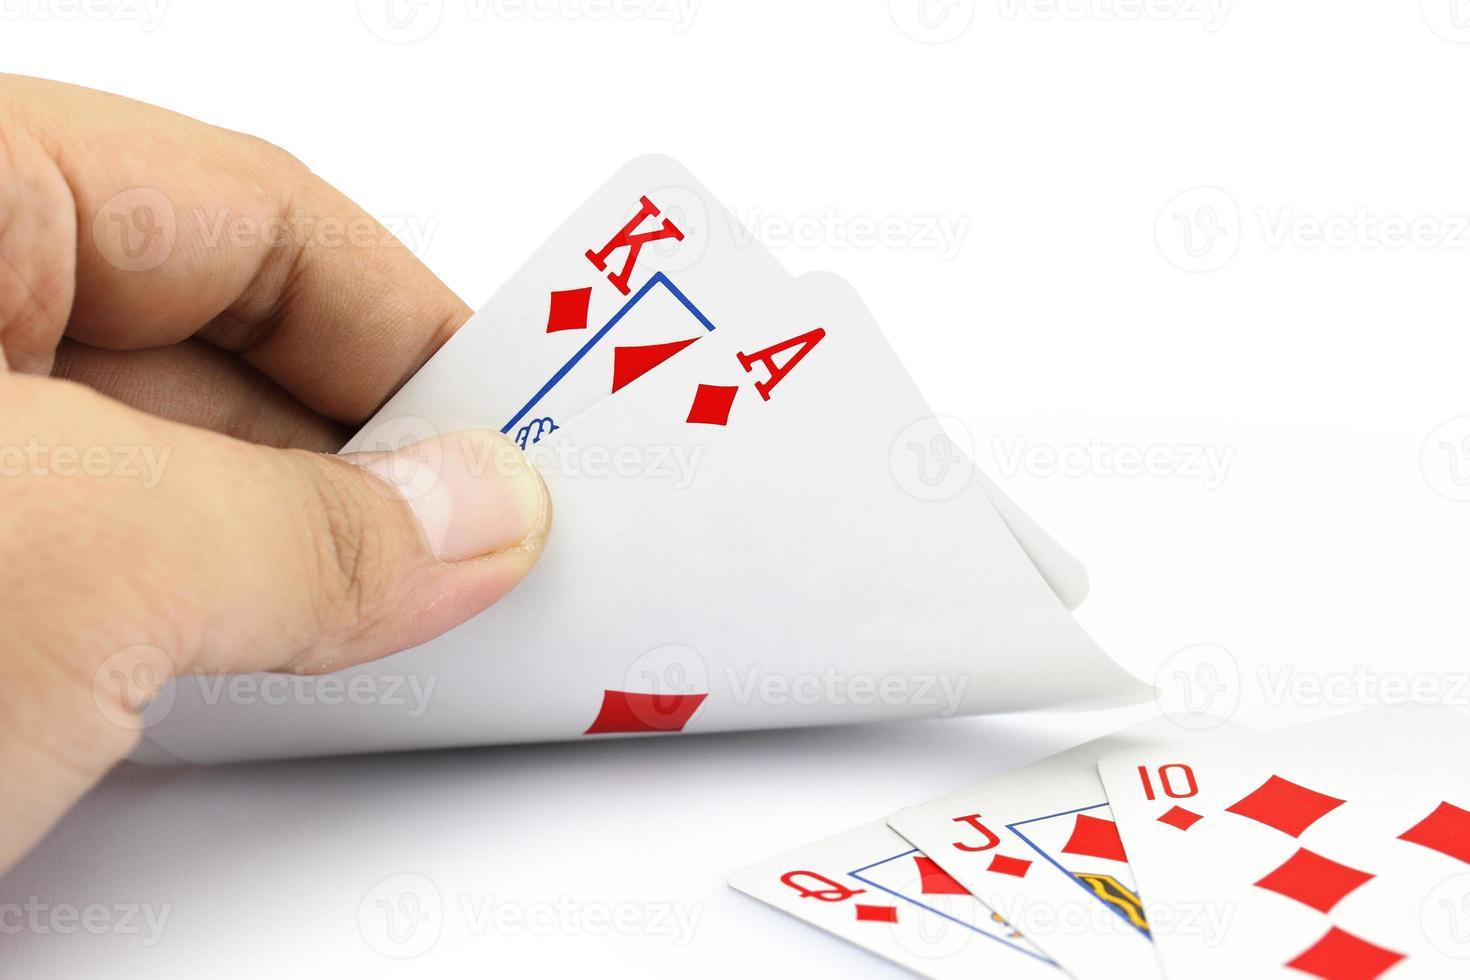 koning en aas diamant van pokerspel foto